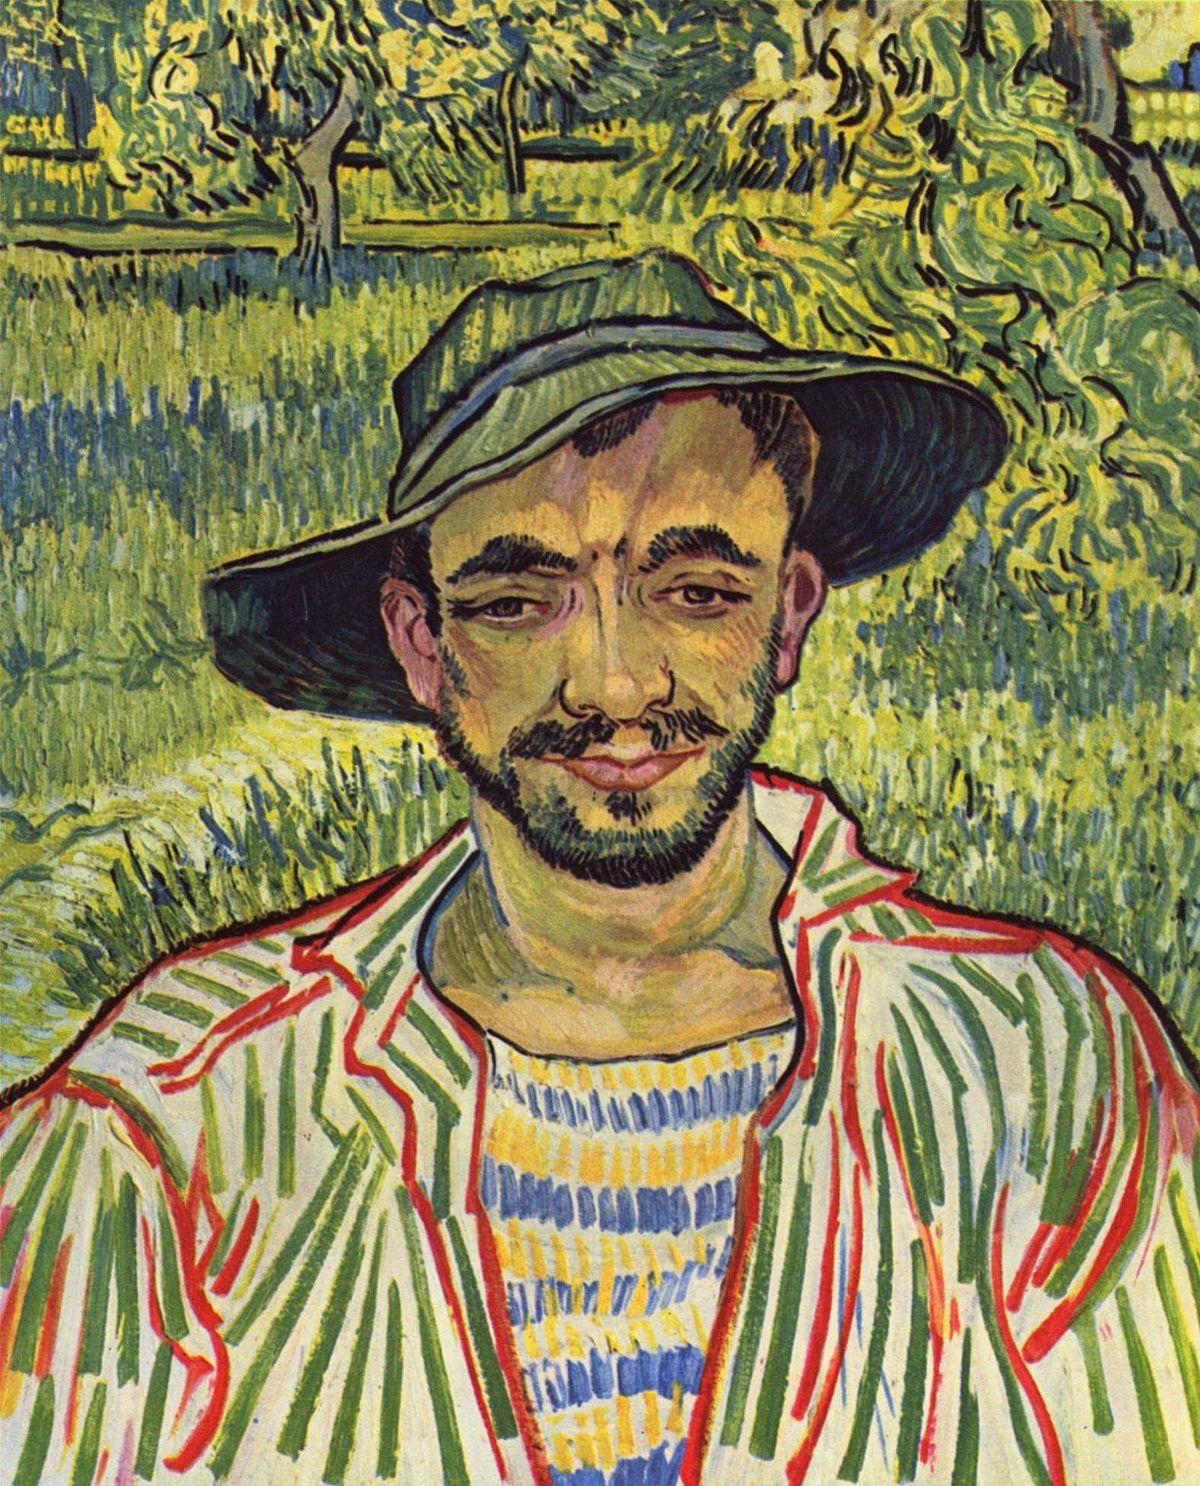 Il giardiniere van gogh wikipedia for Immagini giardiniere